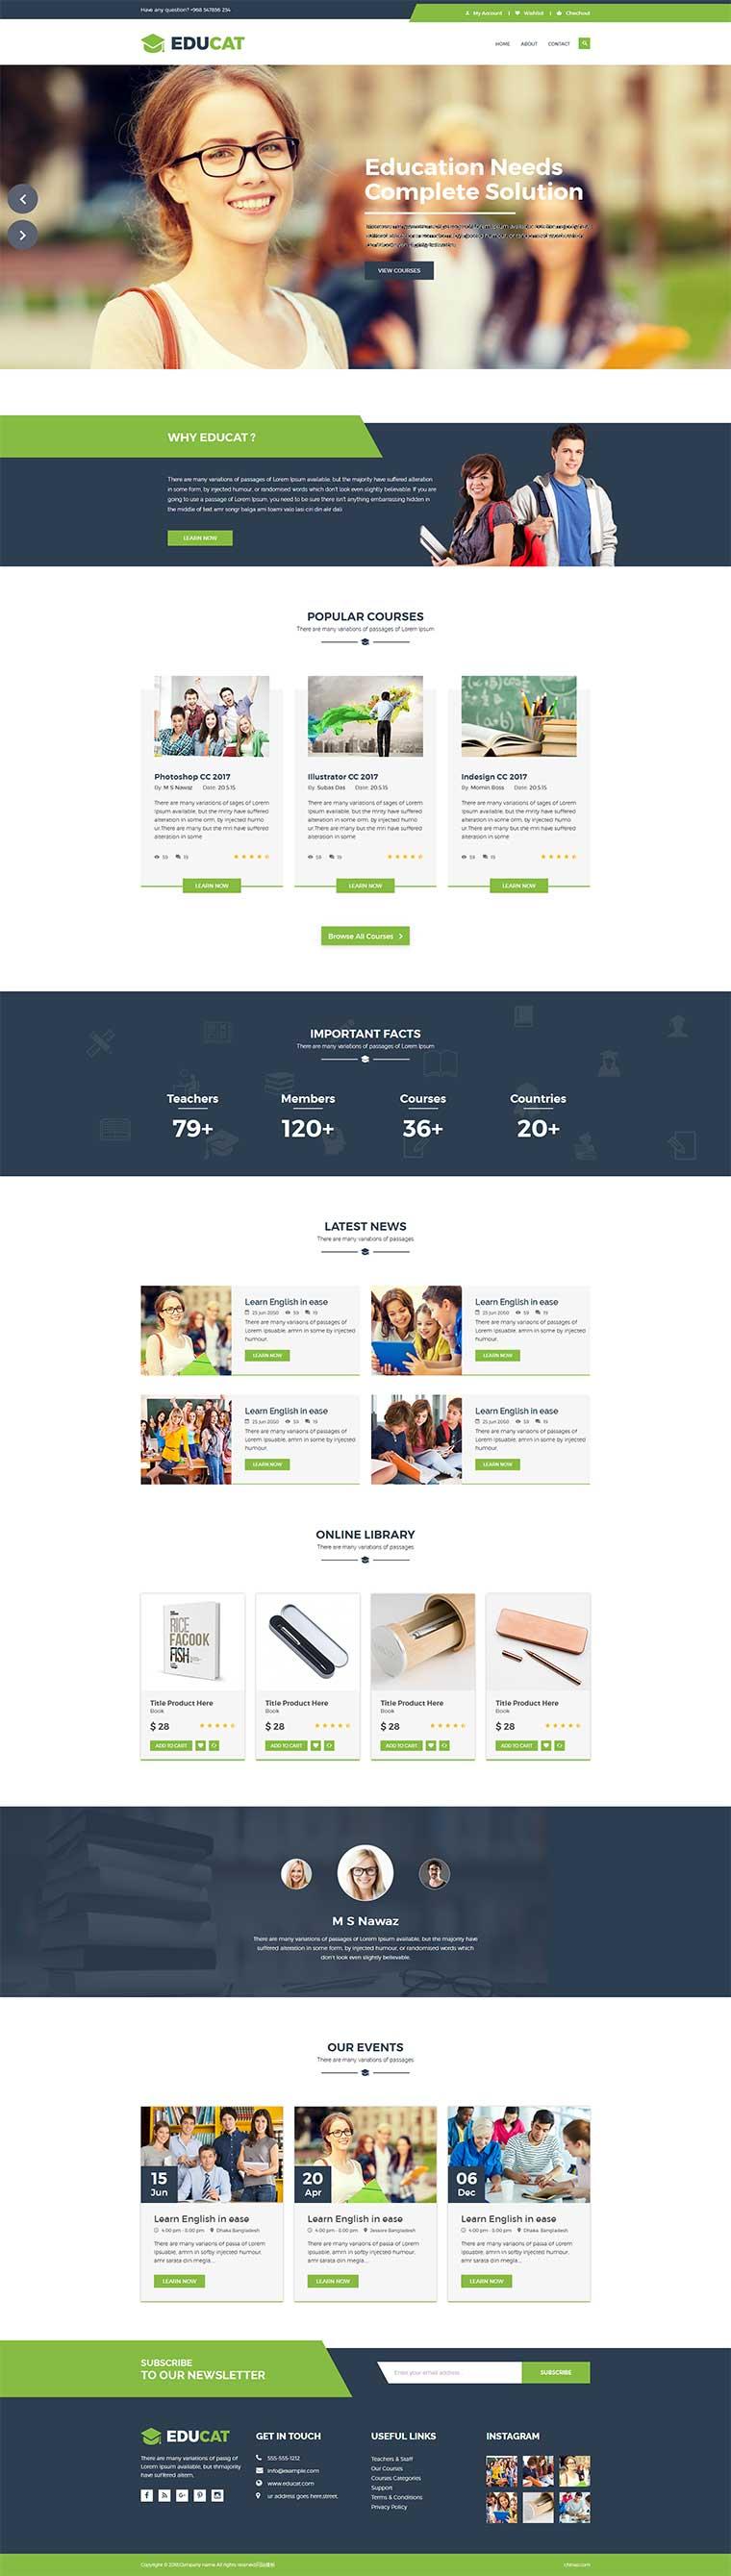 绿色宽屏html5响应式社会教育机构网站模板